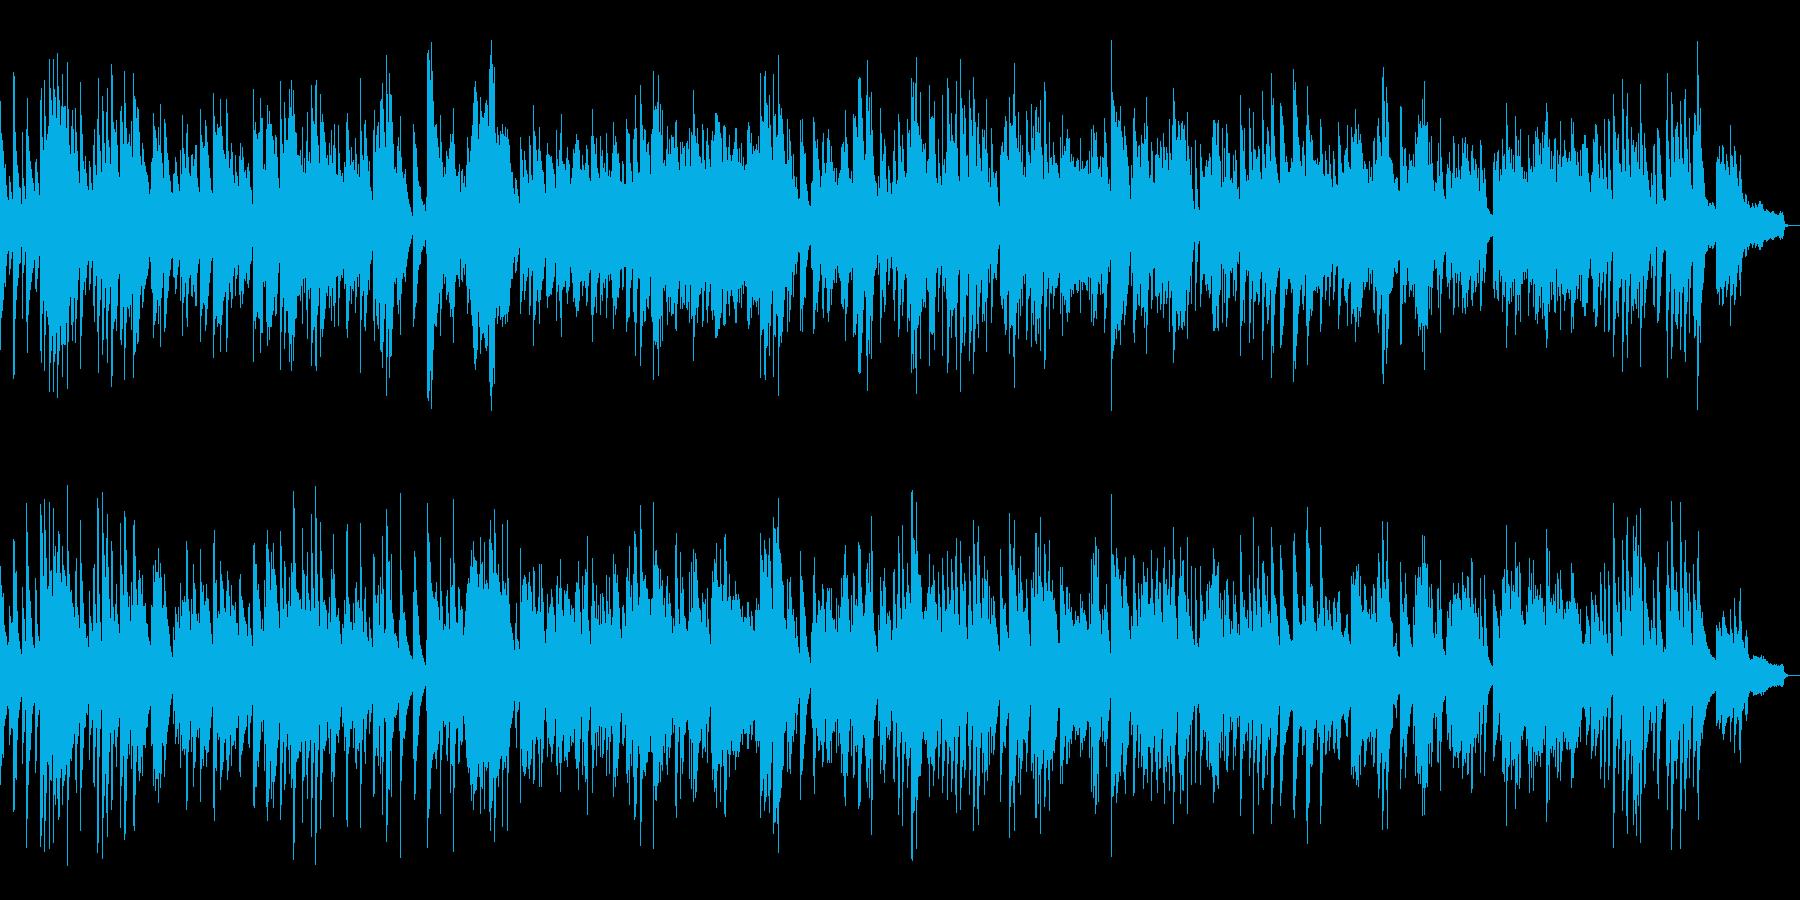 ジャズスタンダードソロピアノ生演奏の再生済みの波形